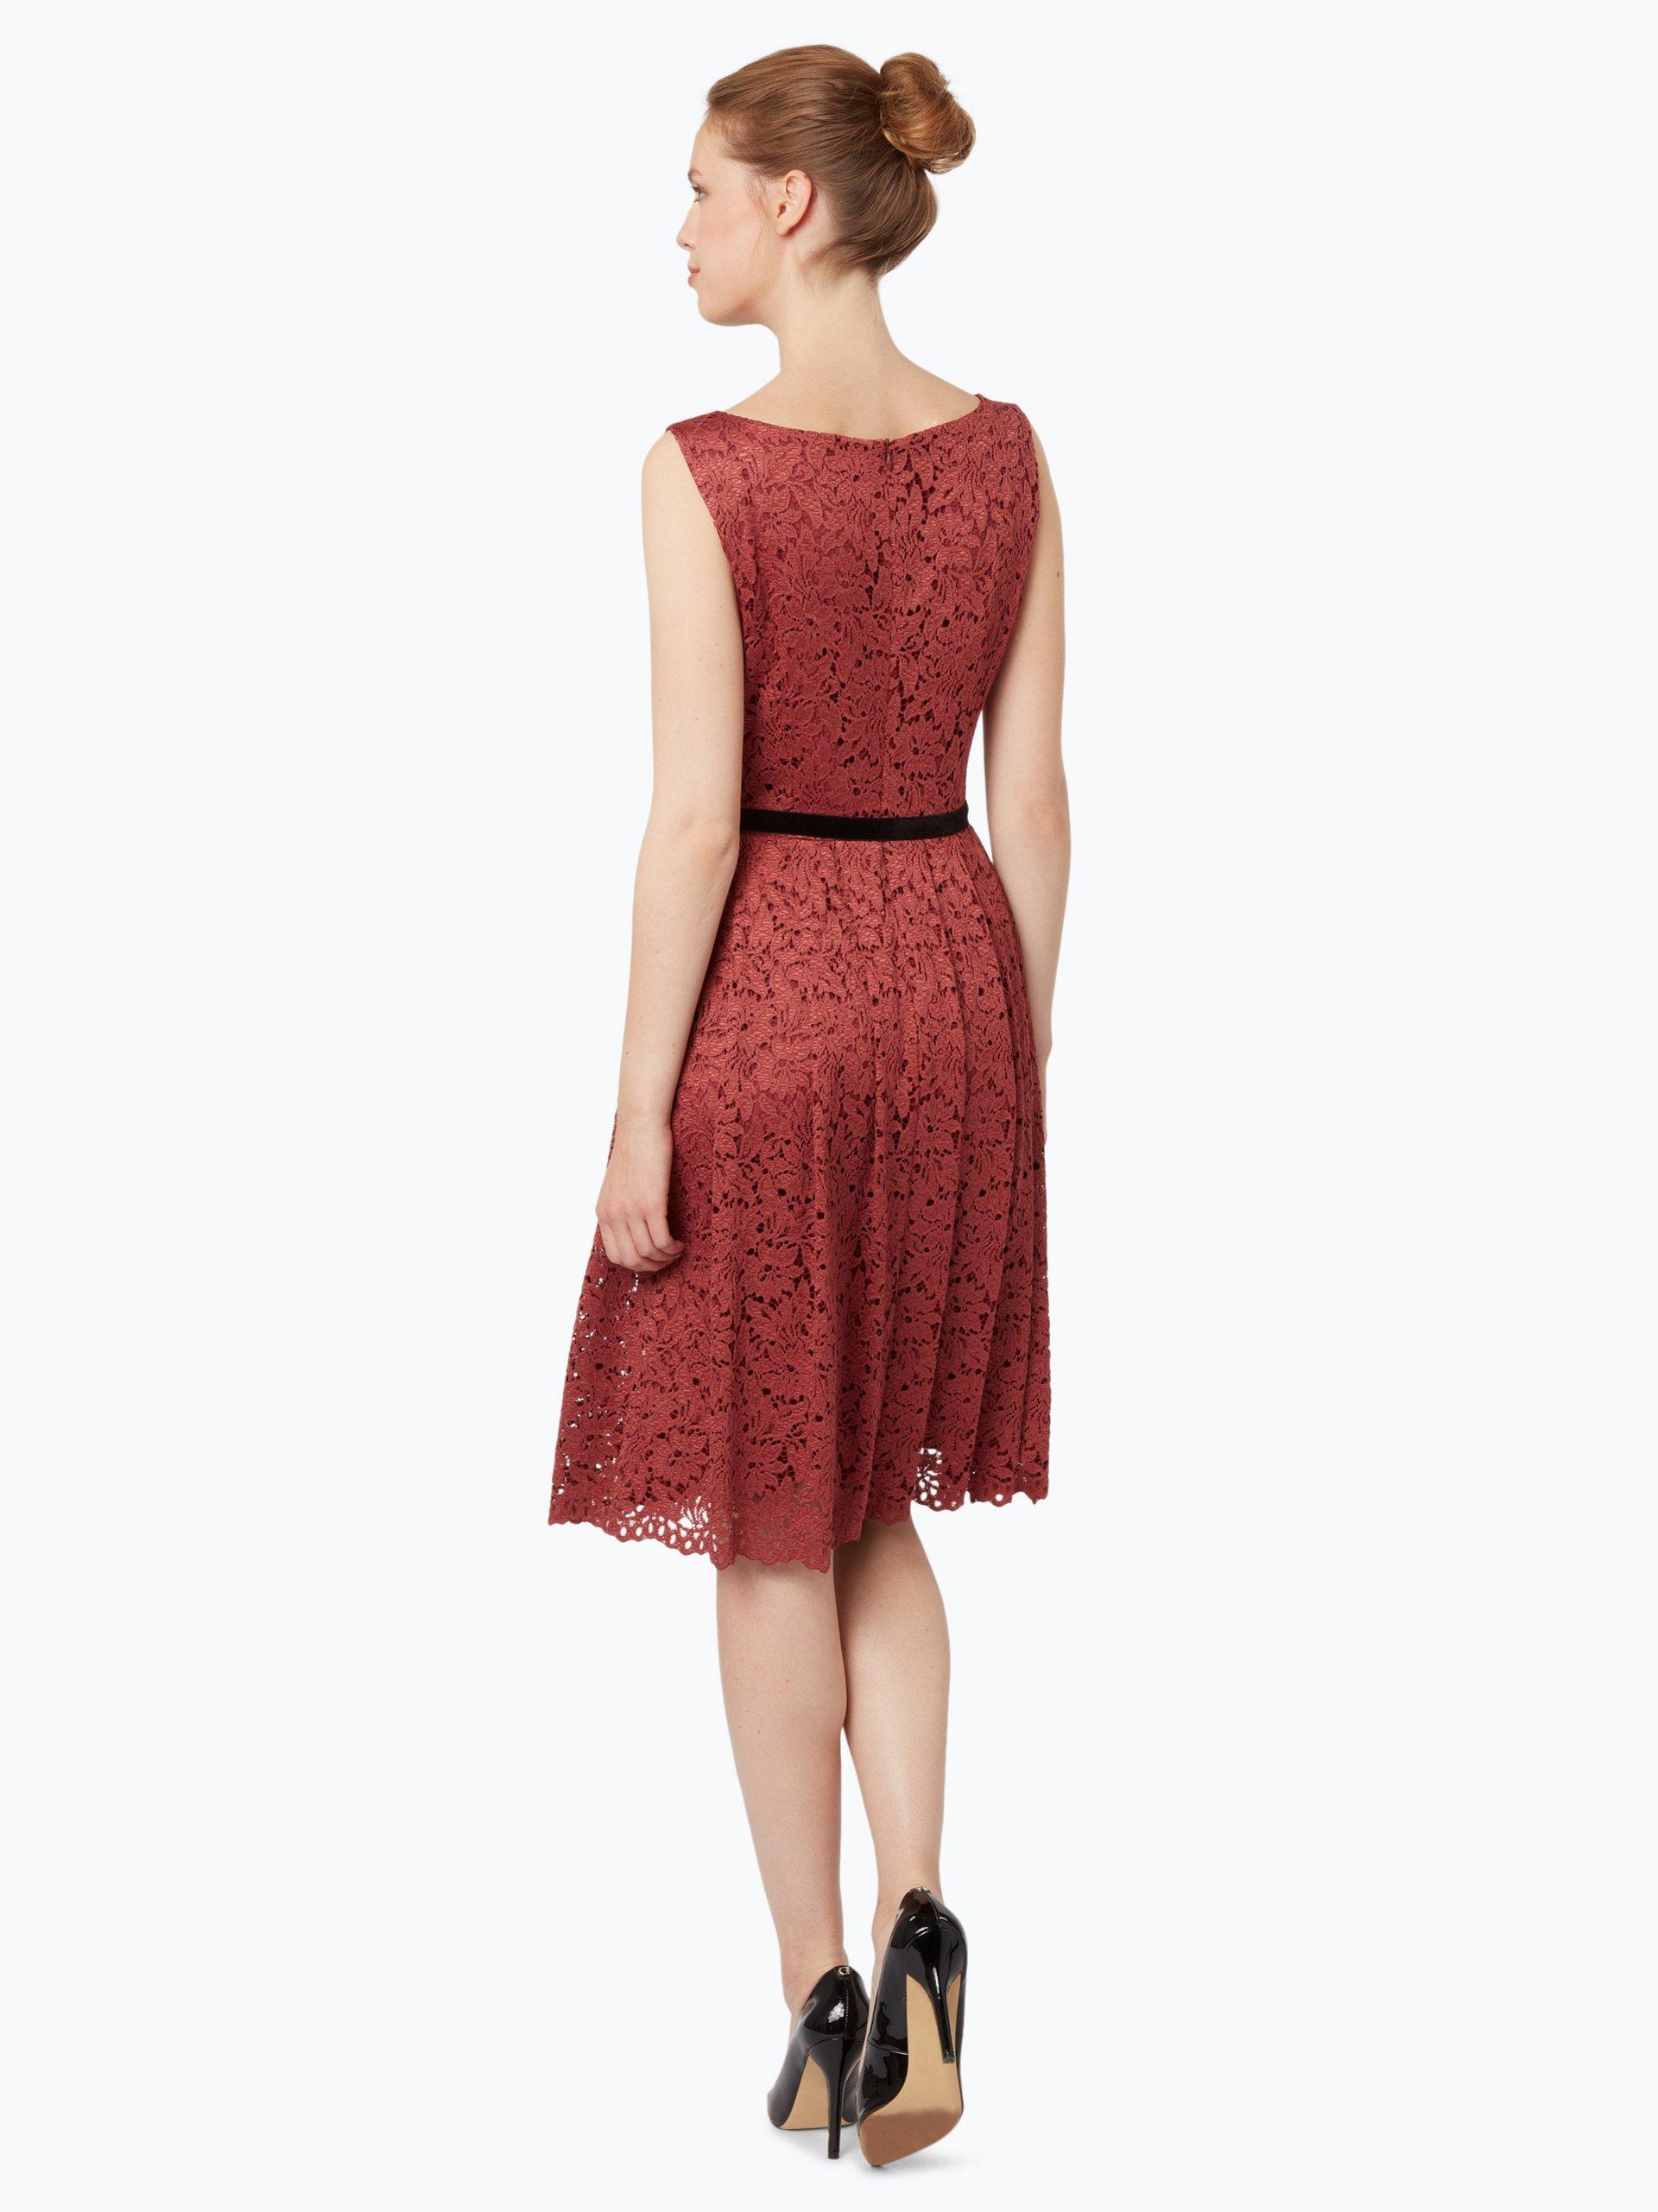 taifun damen kleid marsala bloom rot uni online kaufen peek und cloppenburg de. Black Bedroom Furniture Sets. Home Design Ideas